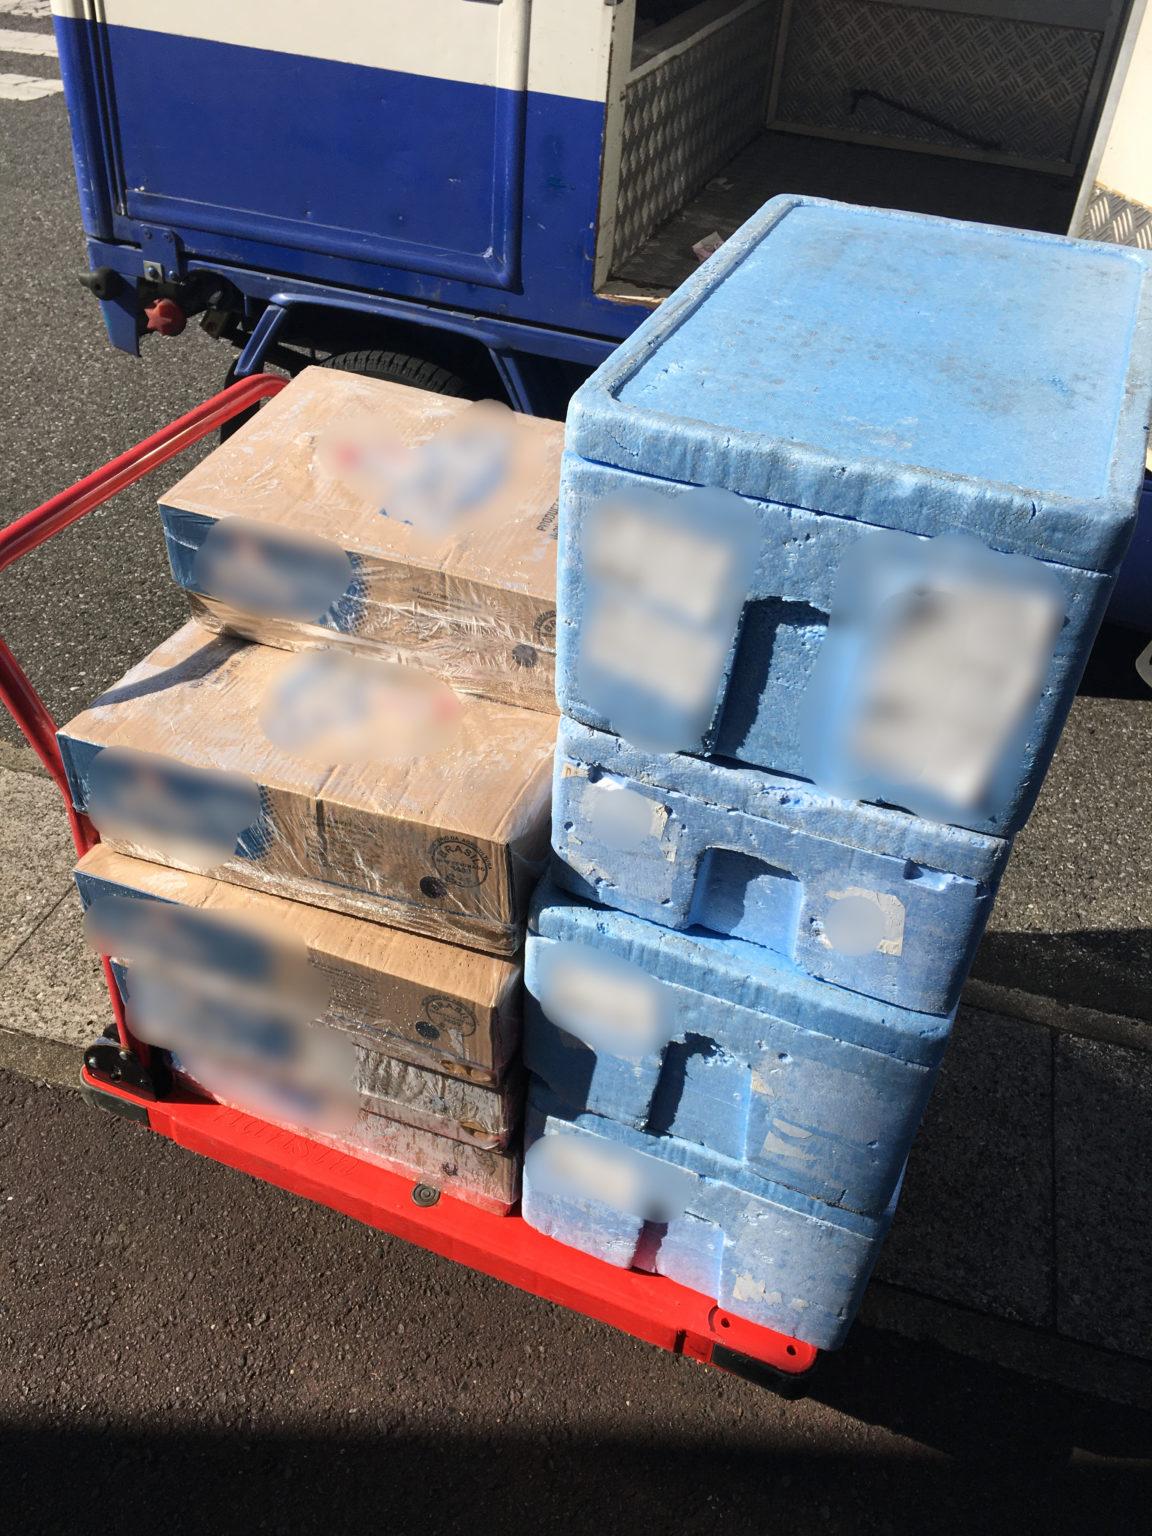 冷蔵食品の配送と千葉県の軽貨物 【軽貨物運送の検証ブログ】